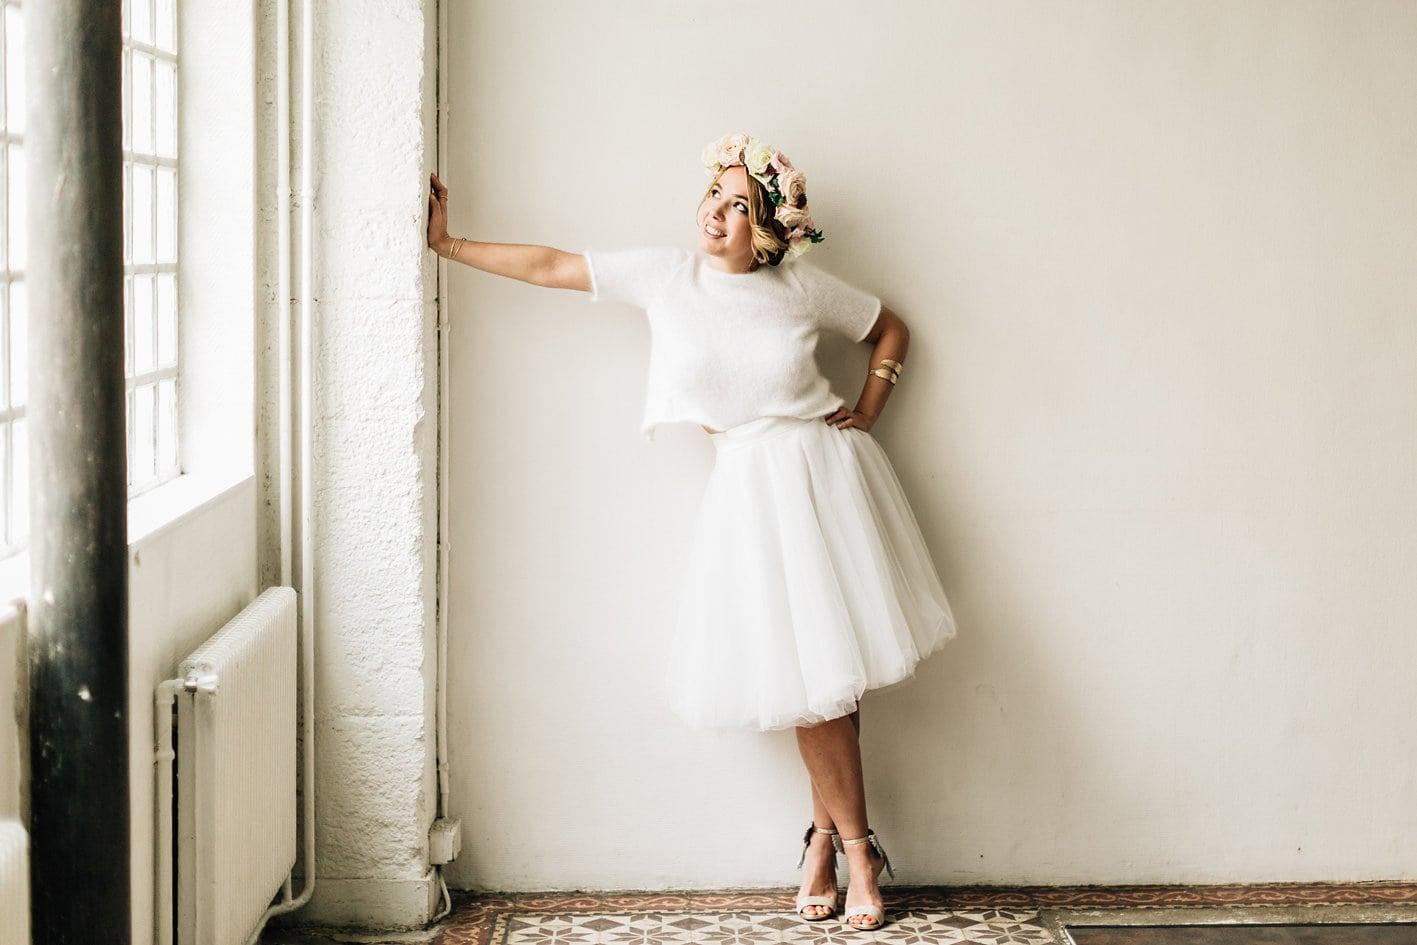 Collection robes de mariée cérémonie civile Mélodie Boitard 2018 acheter en ligne et essayer gratuitement